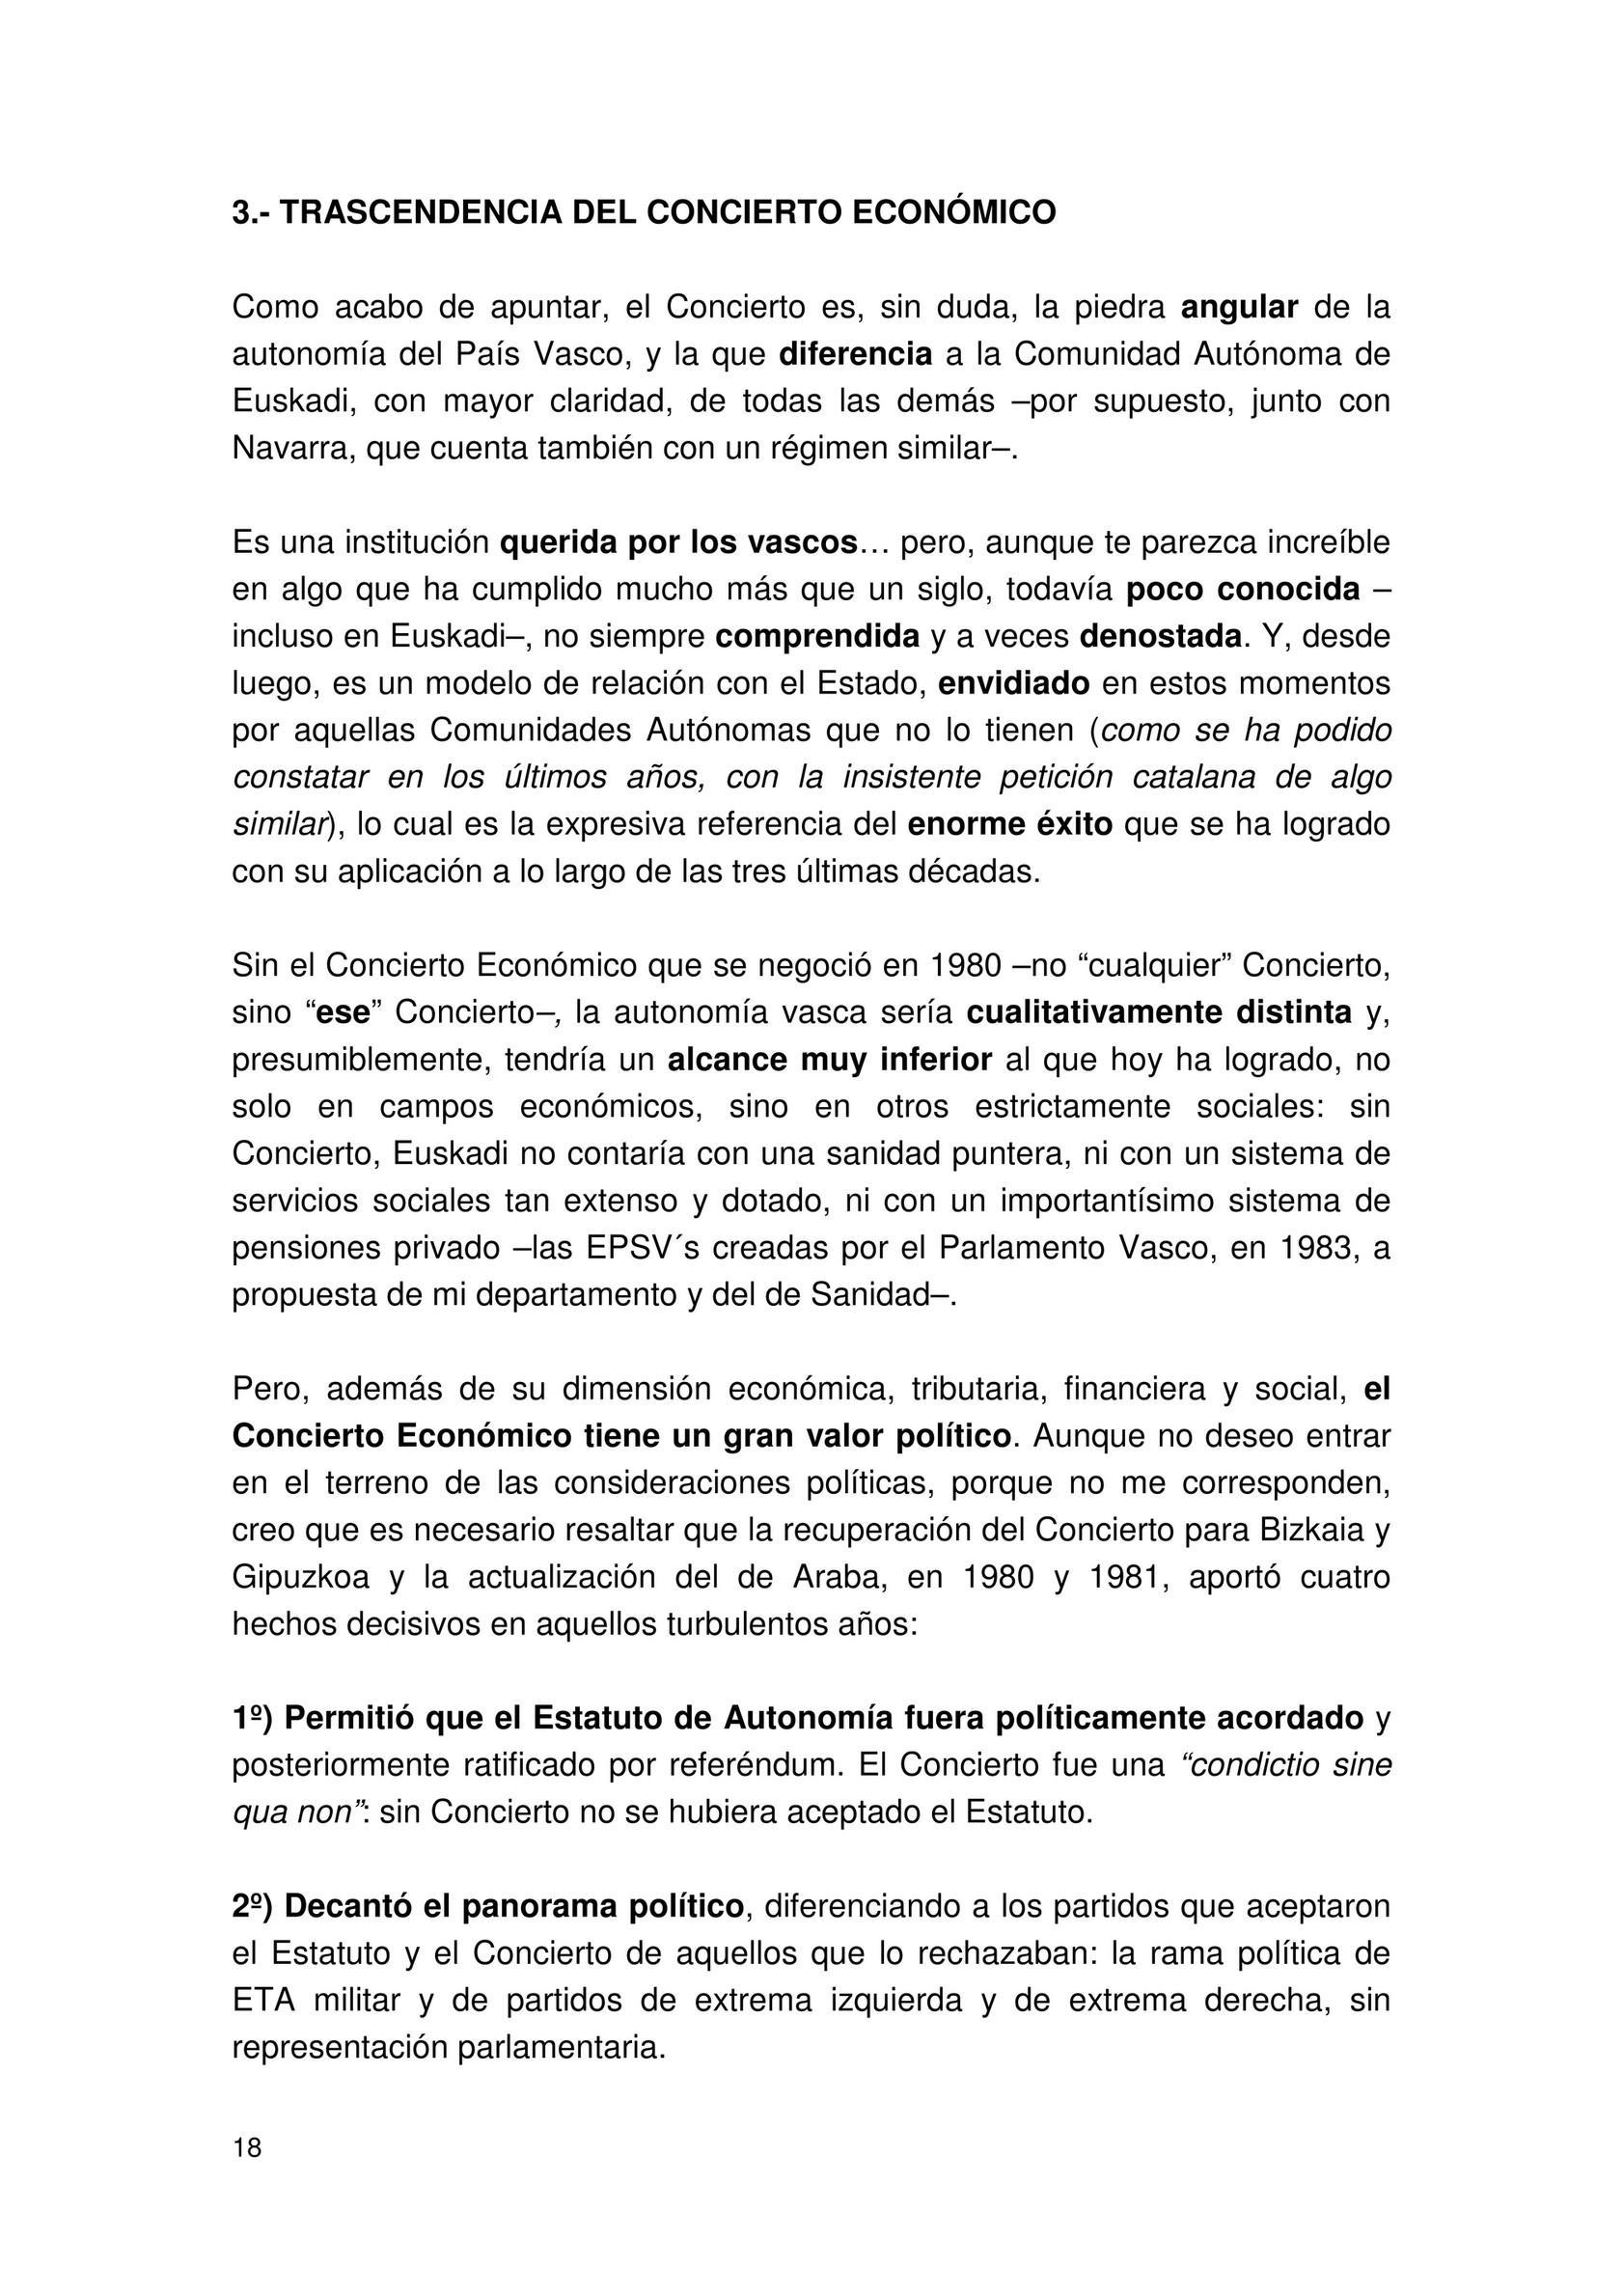 El Concierto Economico Vasco 05 Titulo I Naturaleza Y Trascendencia Del Concierto Economico De 1981 Pagina 1 Created With Publitas Com